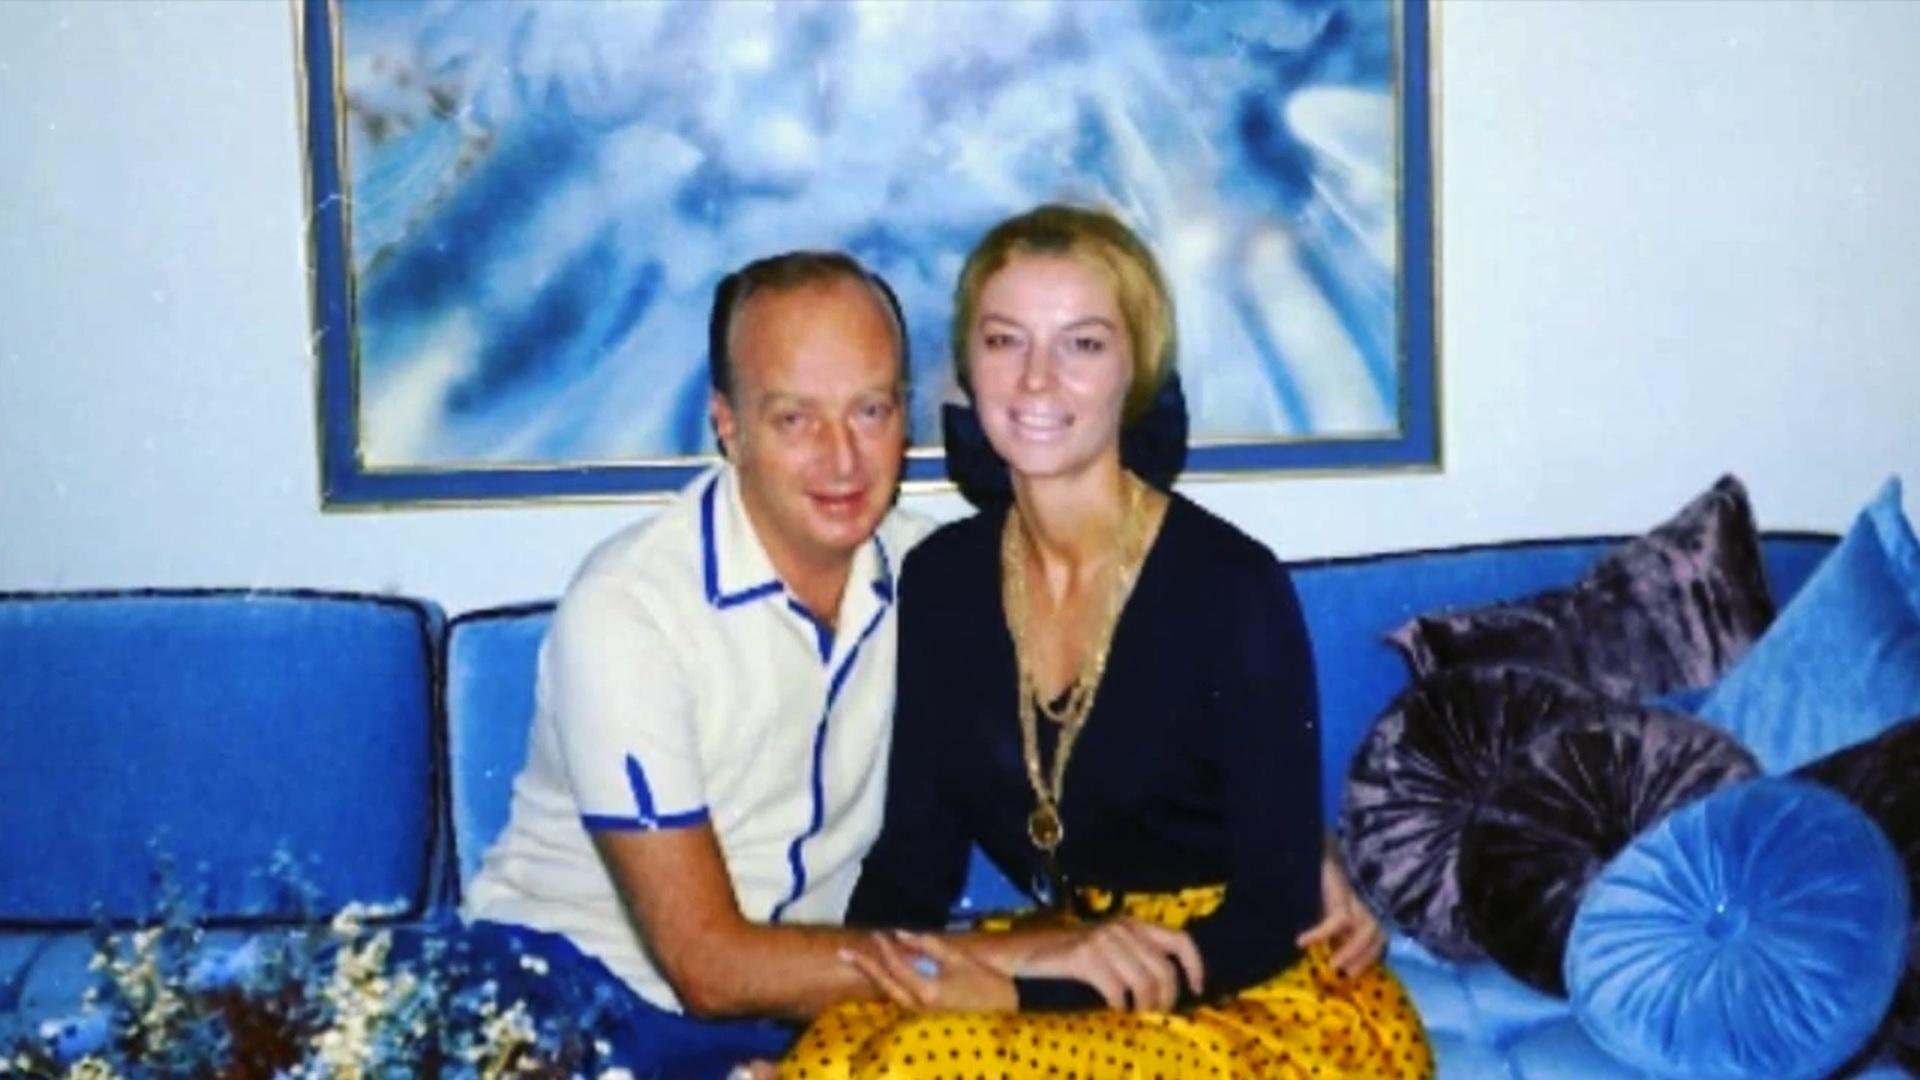 Фрэнк Розенталь с женой Джерри Макги